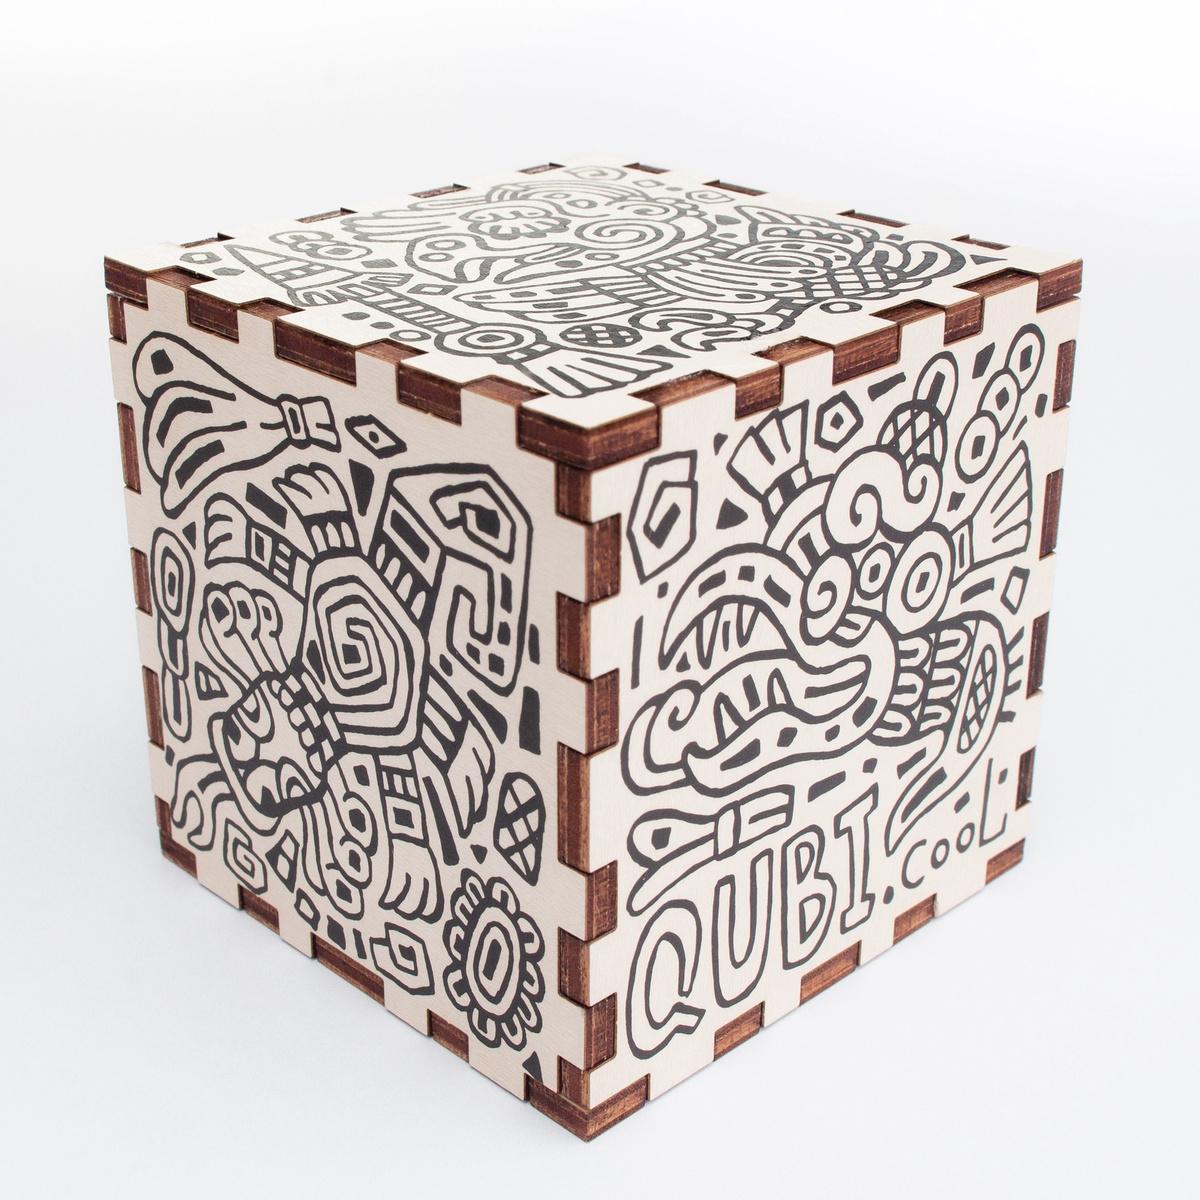 Головоломка QUBI - Дополнительная реальность (белый) белый  #1